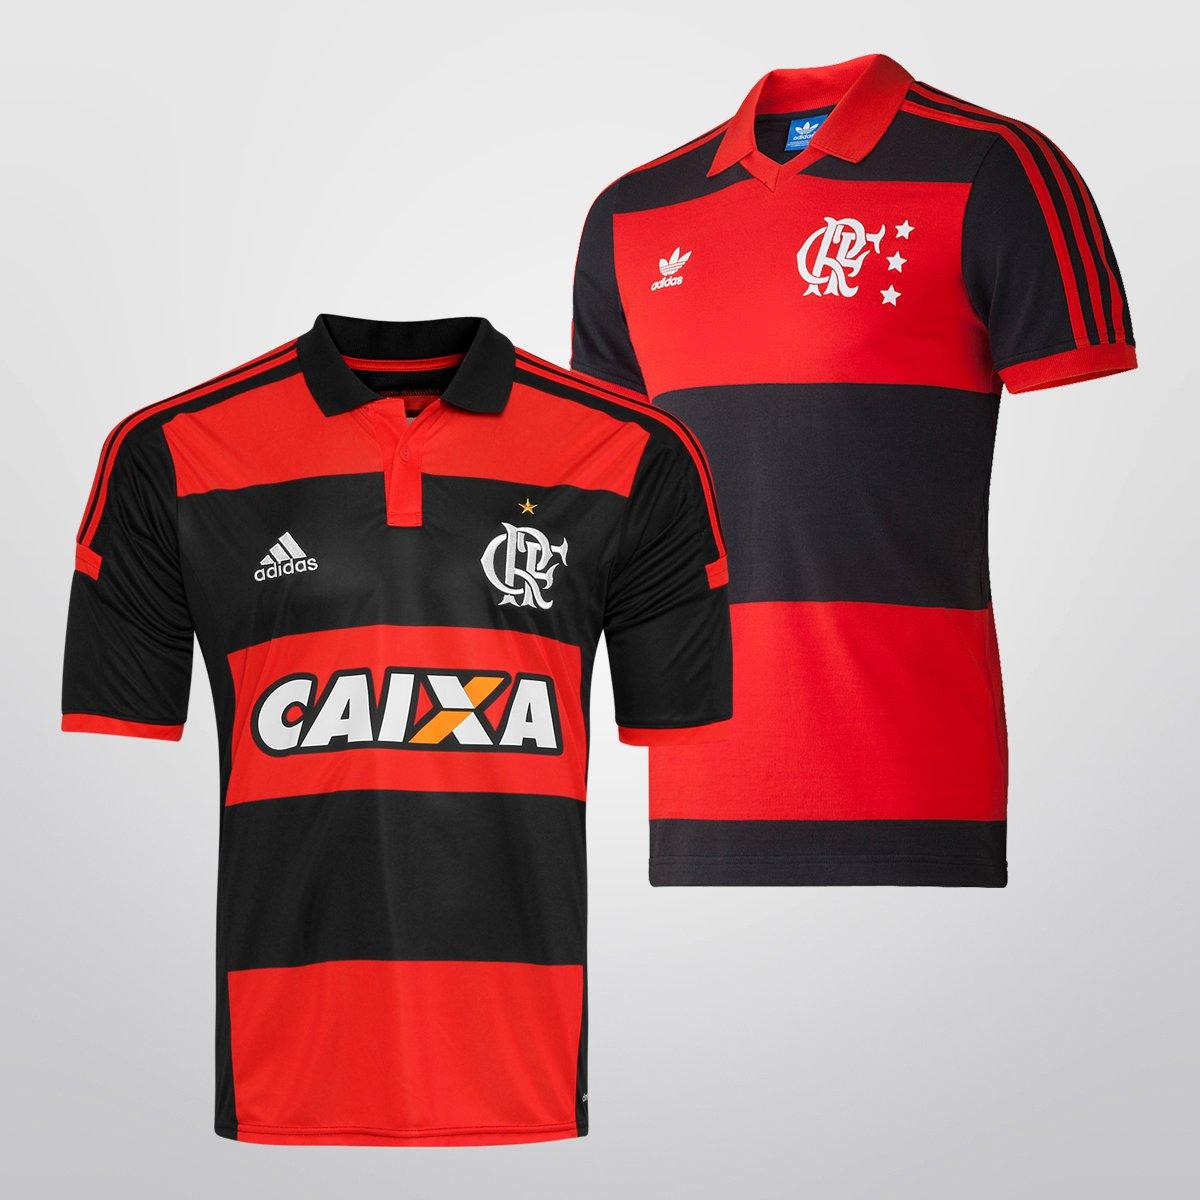 Camisa Adidas Flamengo I 14 15 + Camisa Retrô - Compre Agora  57984e05f21